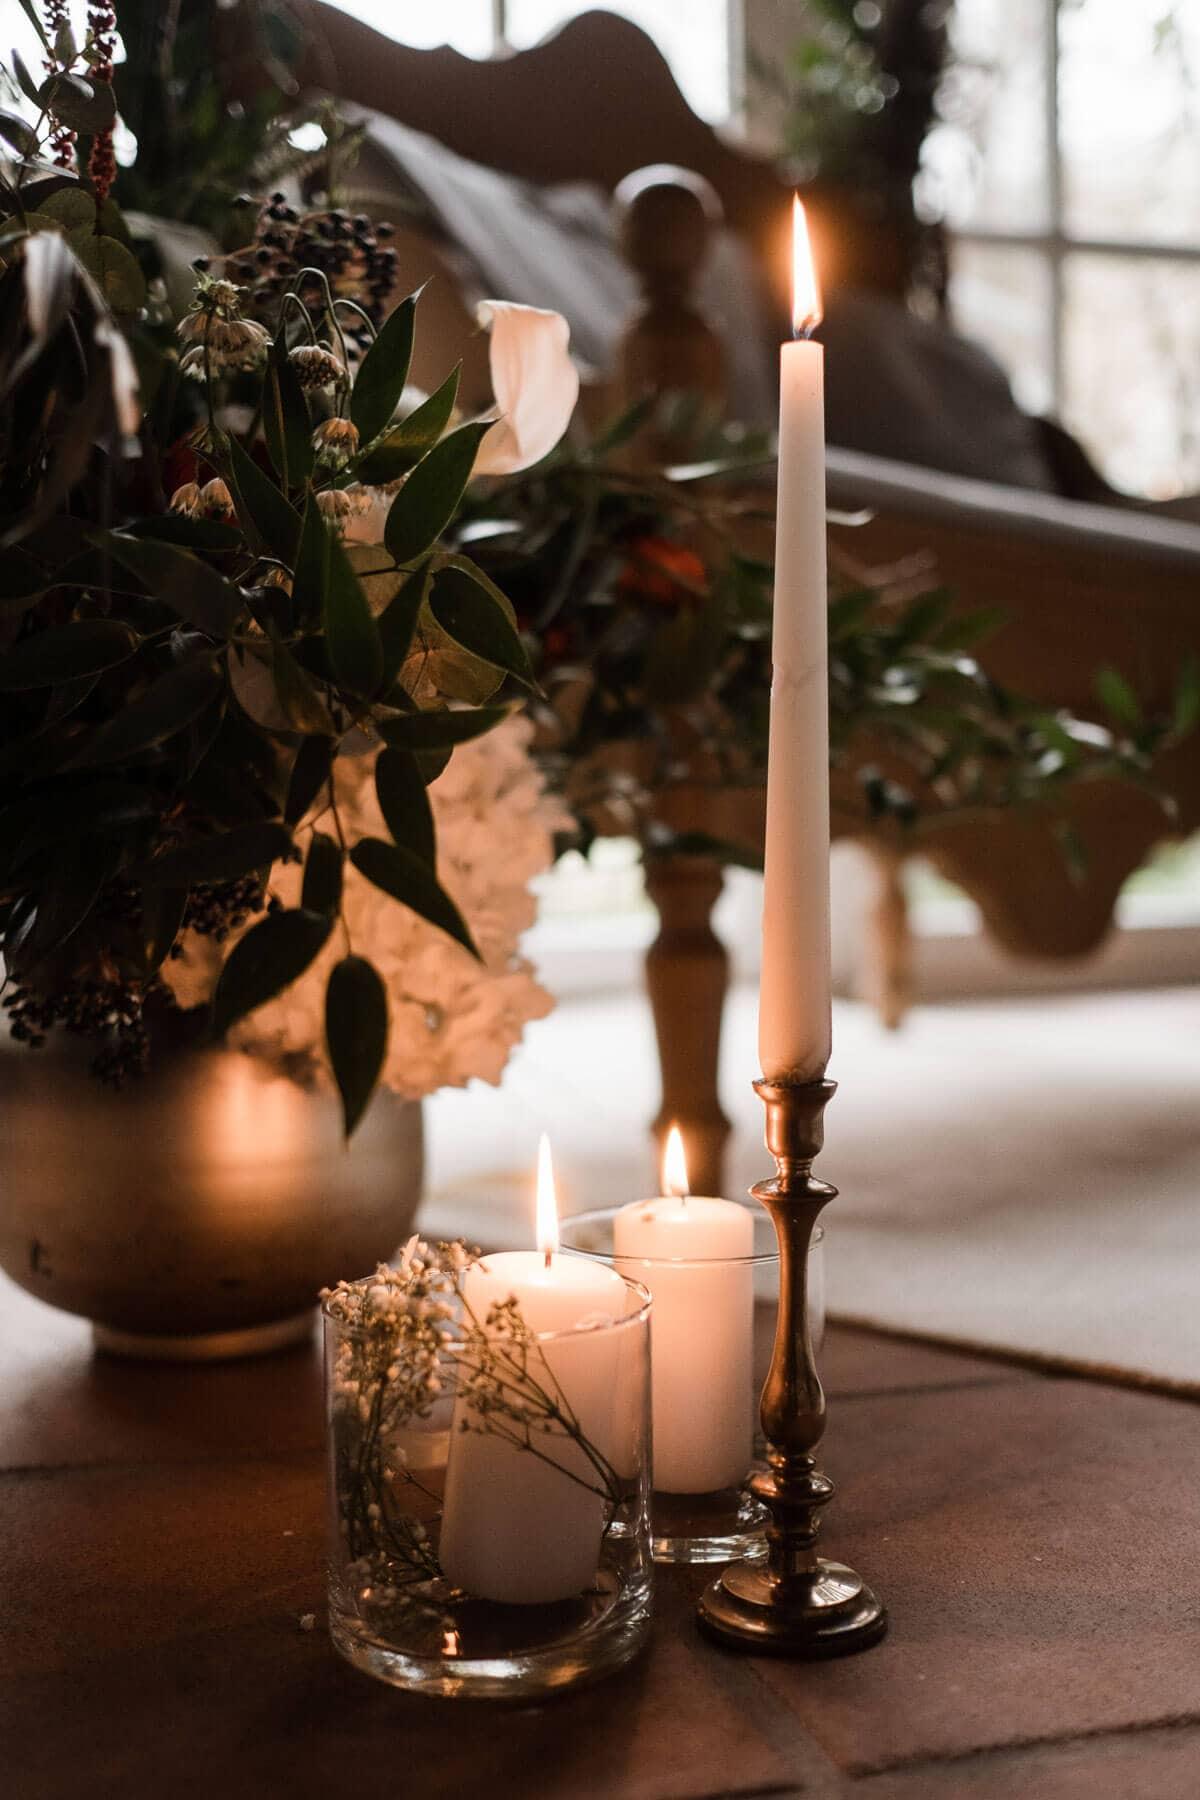 auf einem kleinen Holztisch stehen 2 Gläser mit Kerzen, eine große Vase mit Blumen, sowie ein Kerzenständer mit einer Kerze, im Hintergrund ist eine geschmückte Holzbank zu sehen